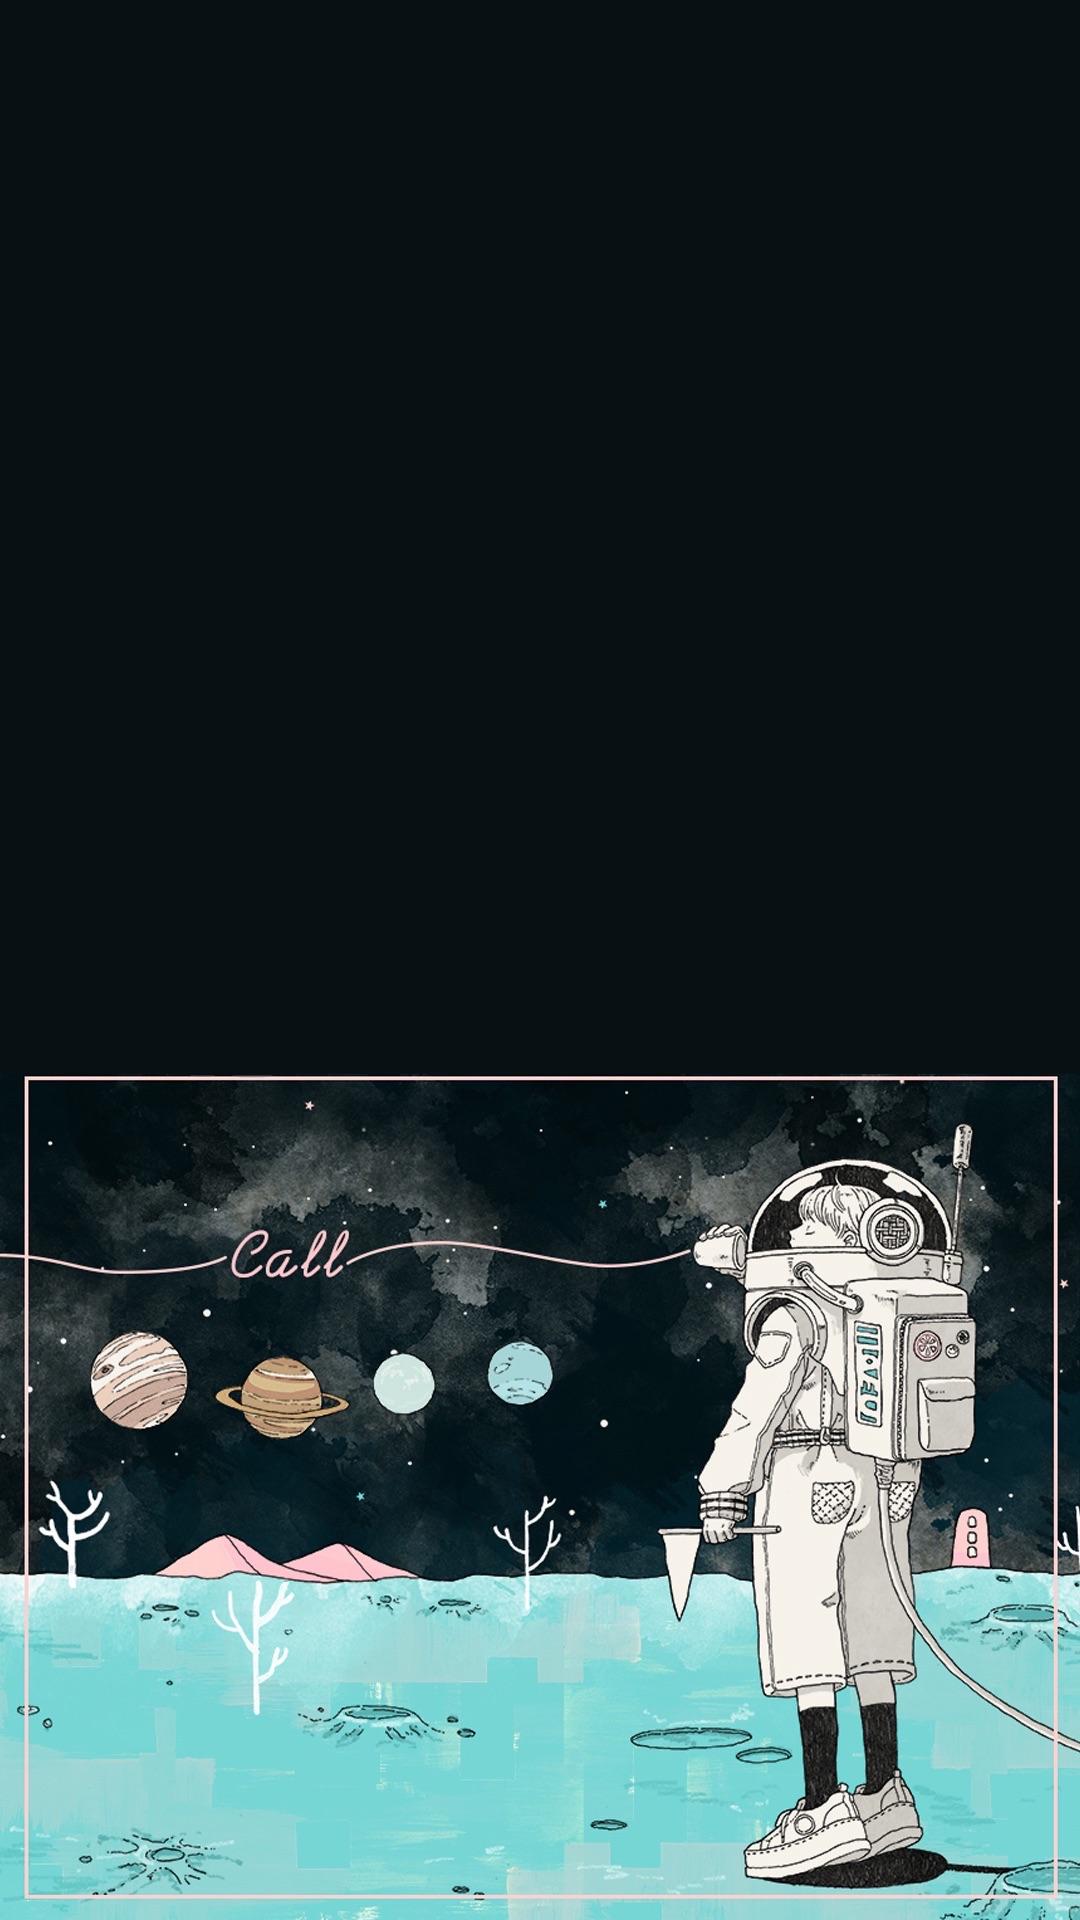 太空人 手绘 插画 宇宙 星球 黑色